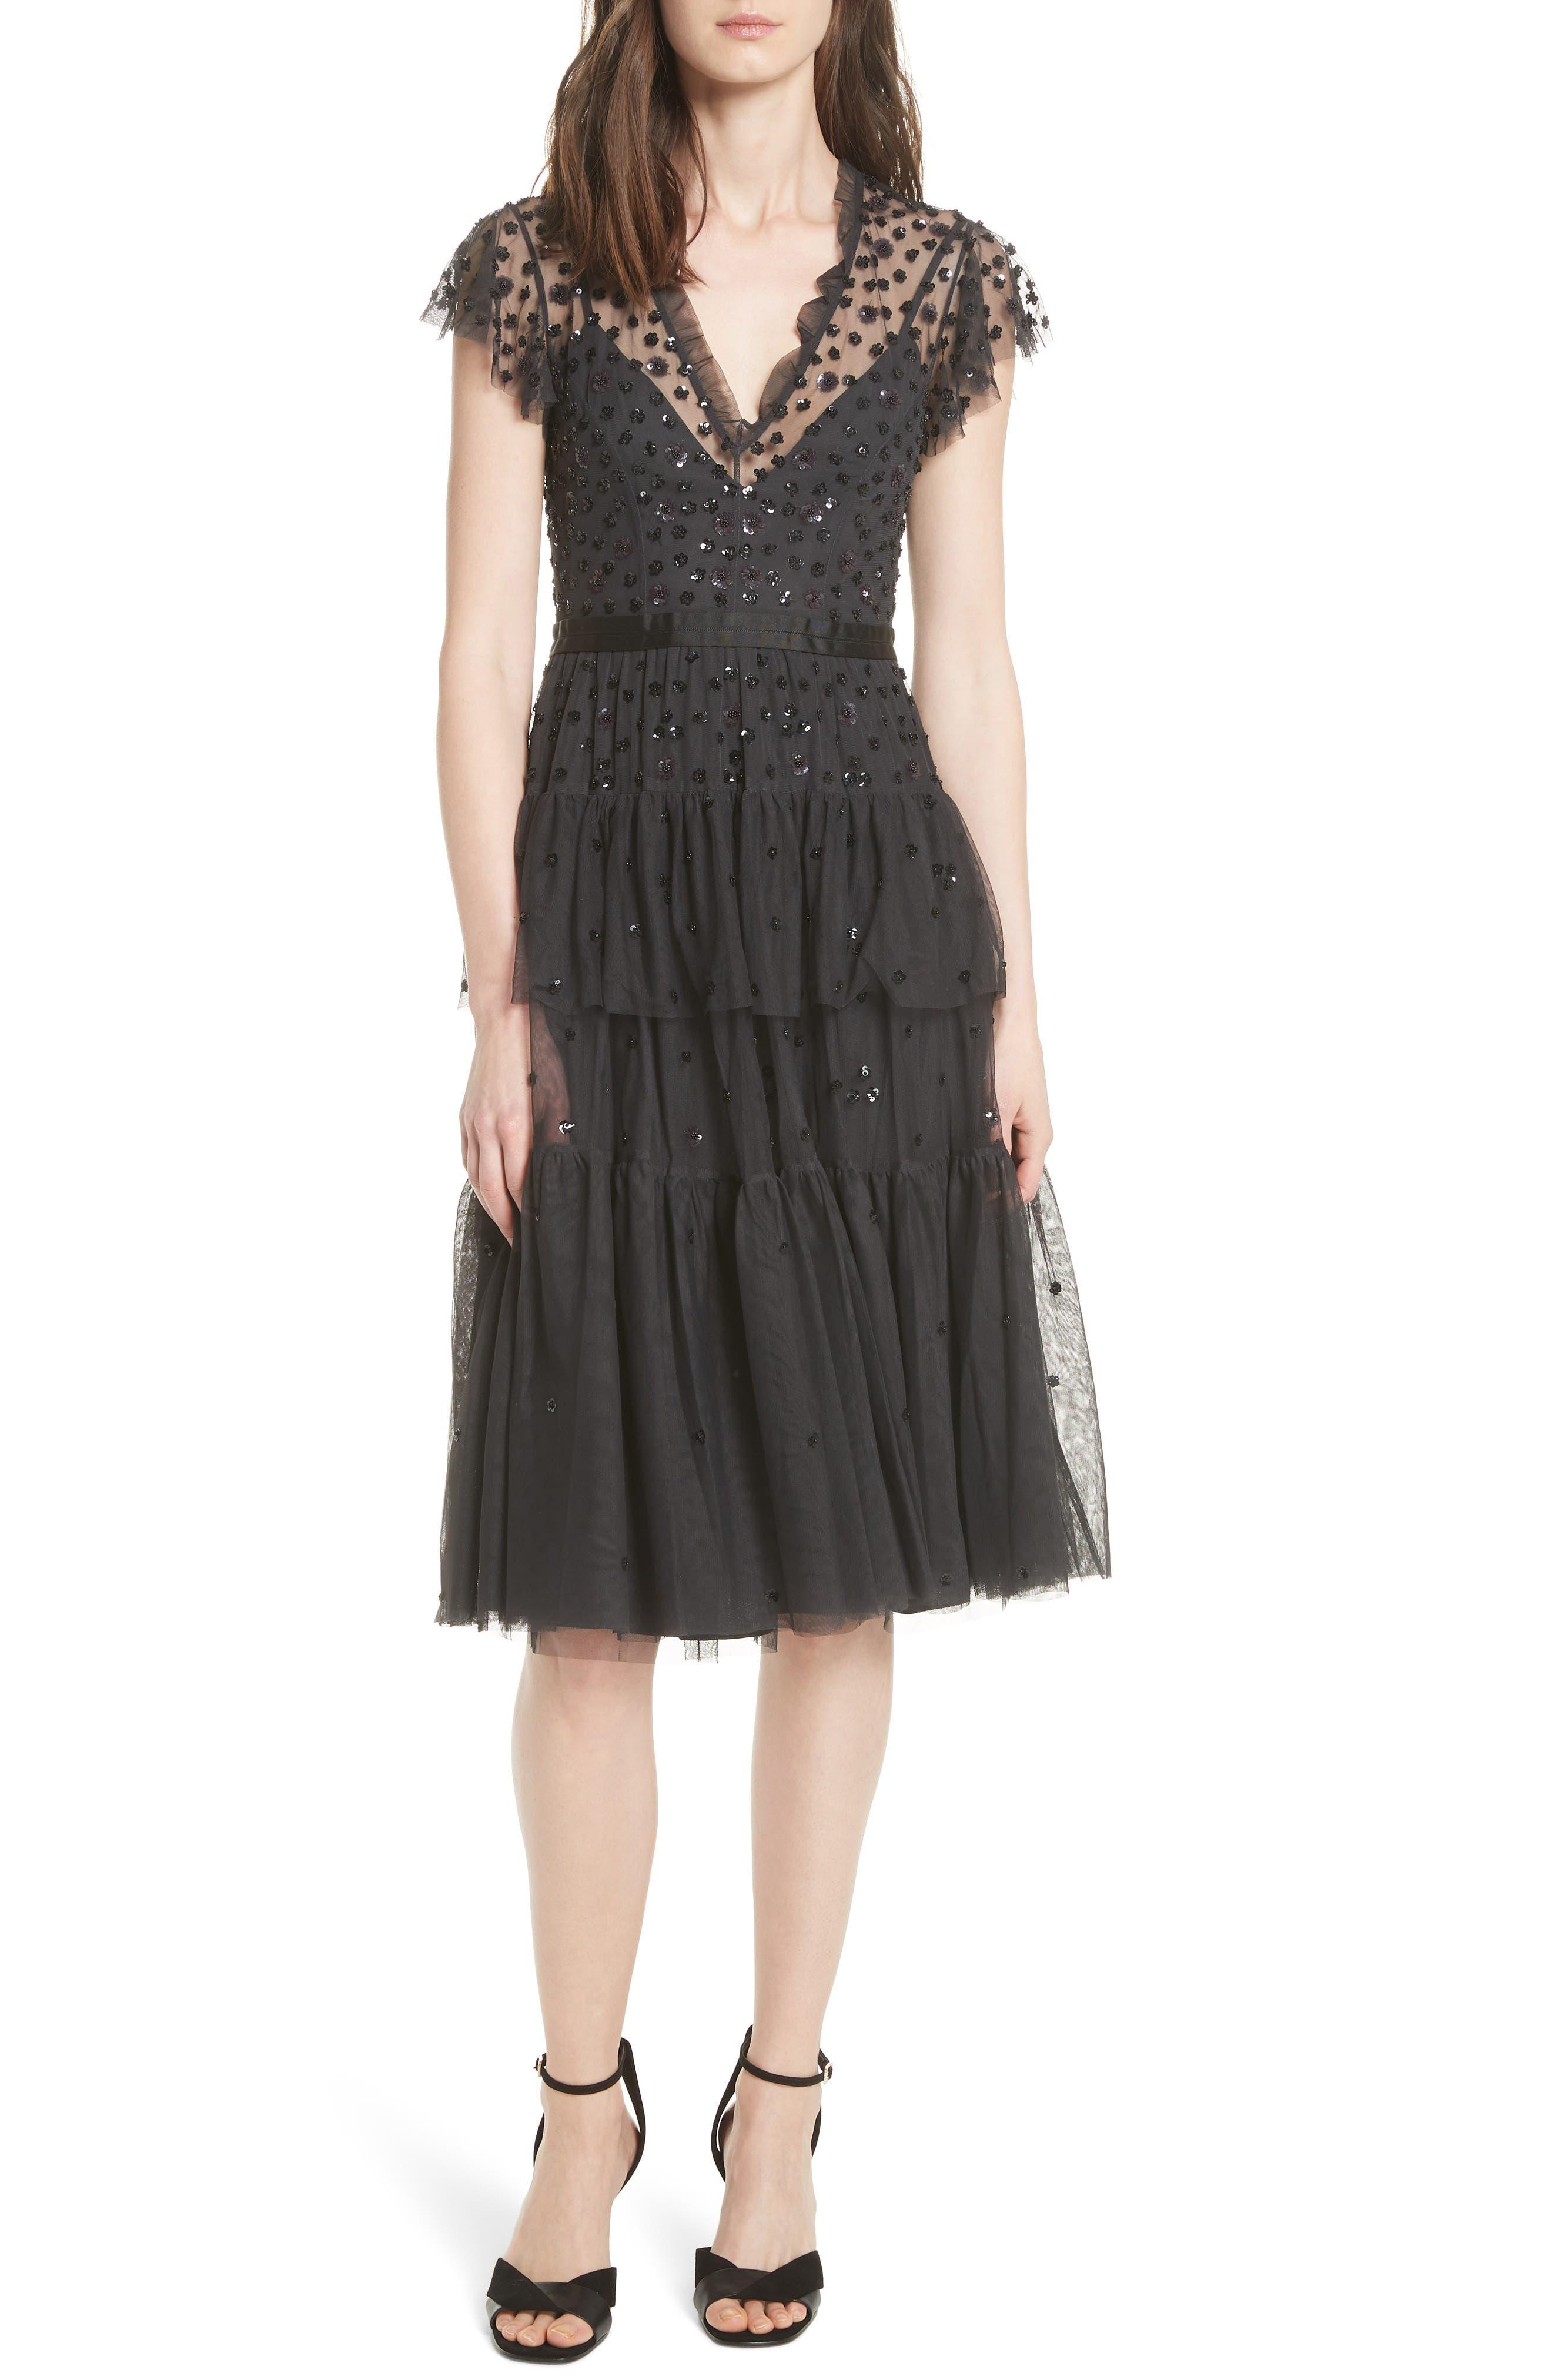 Mirage Sequin Dress,                             Main thumbnail 1, color,                             Graphite